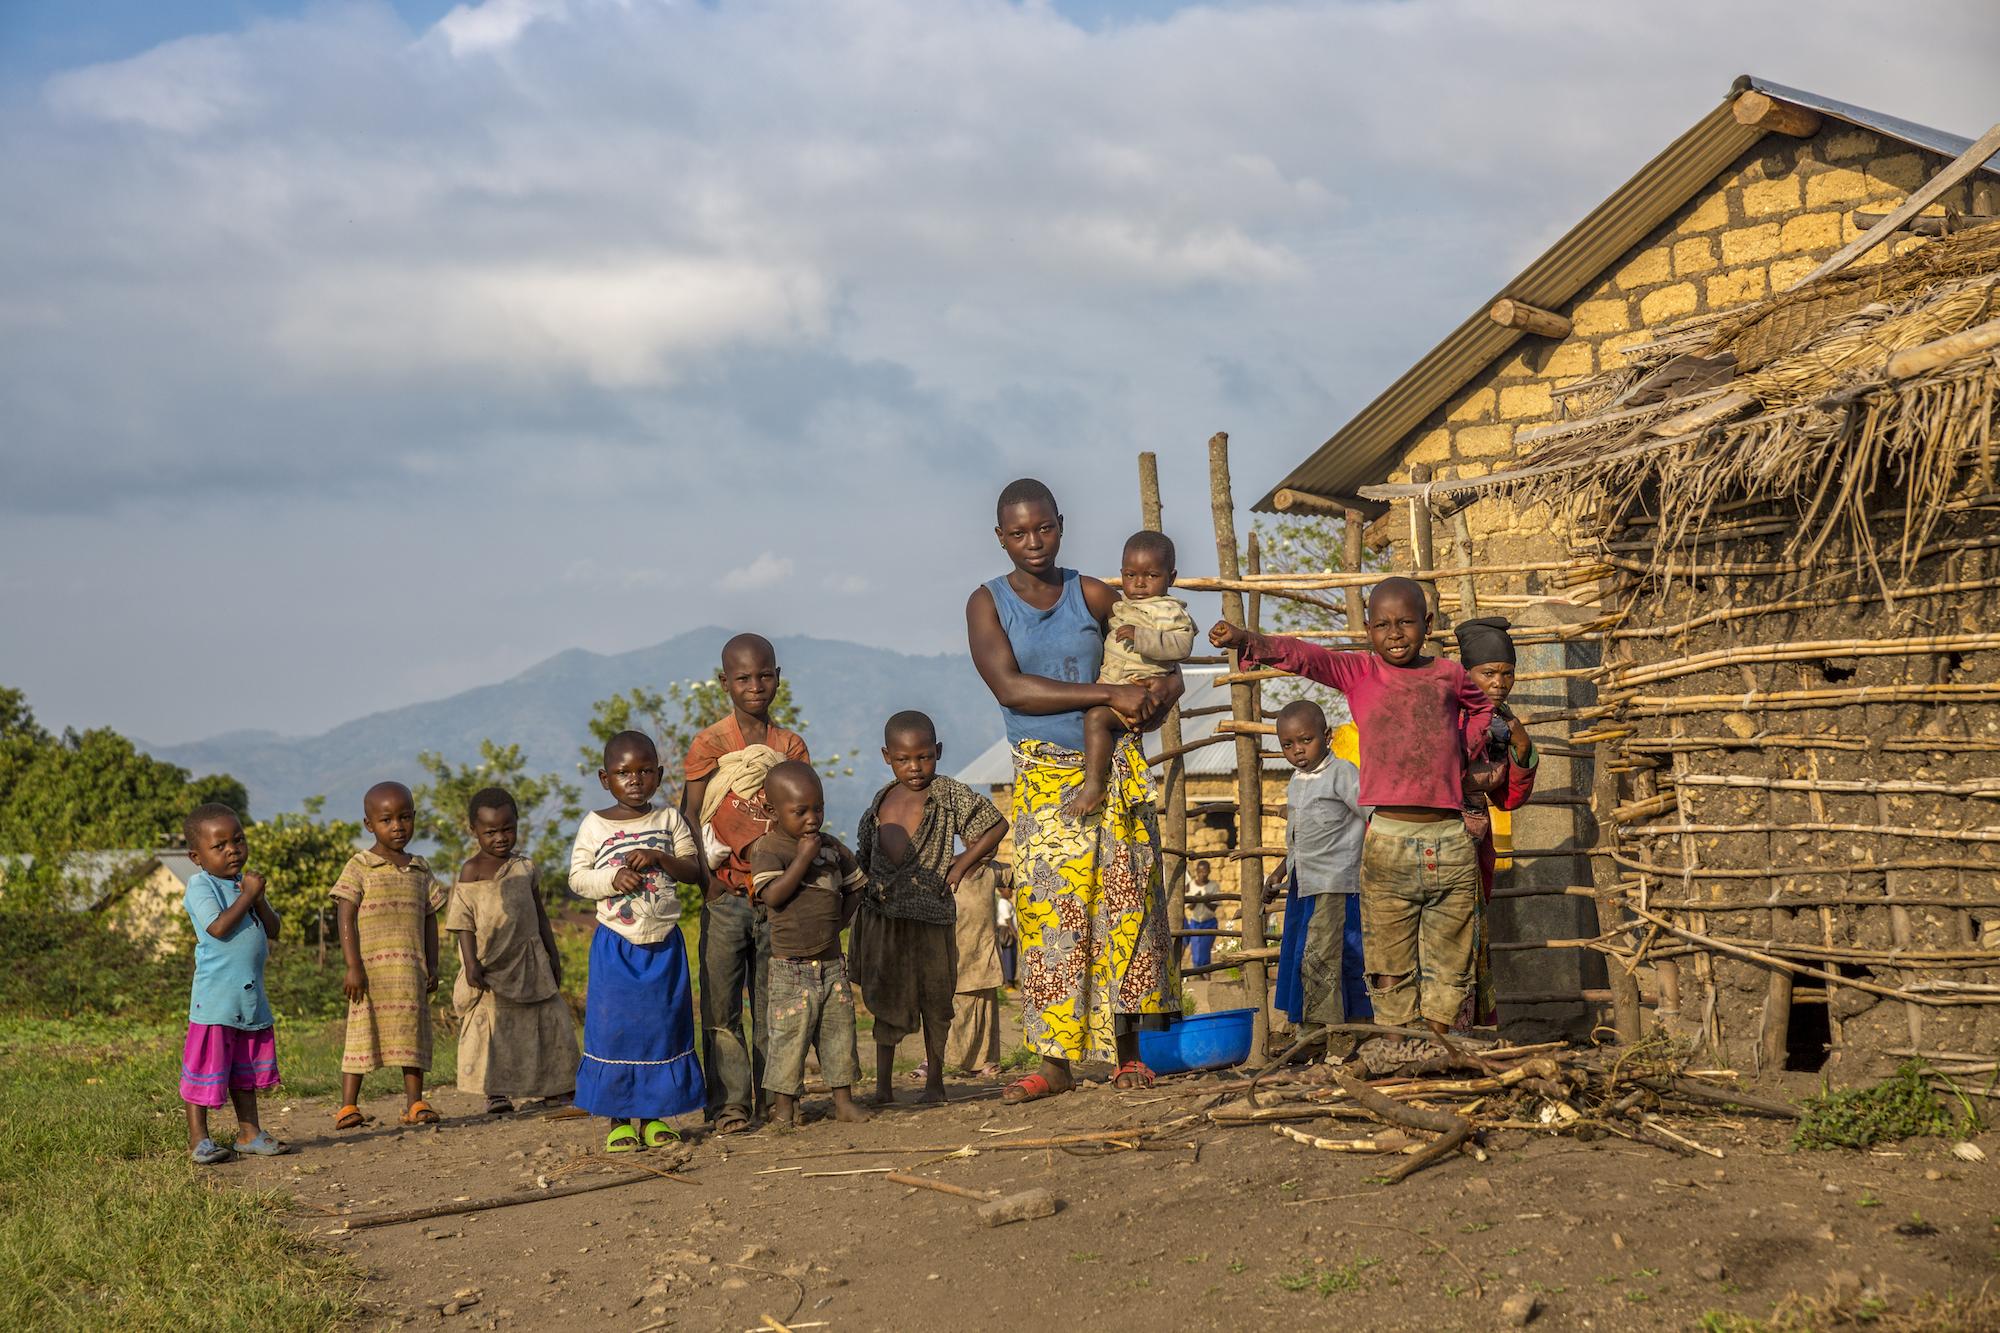 saskia-keeley-photography-humanitarian-photojournalism-1495v3.jpg